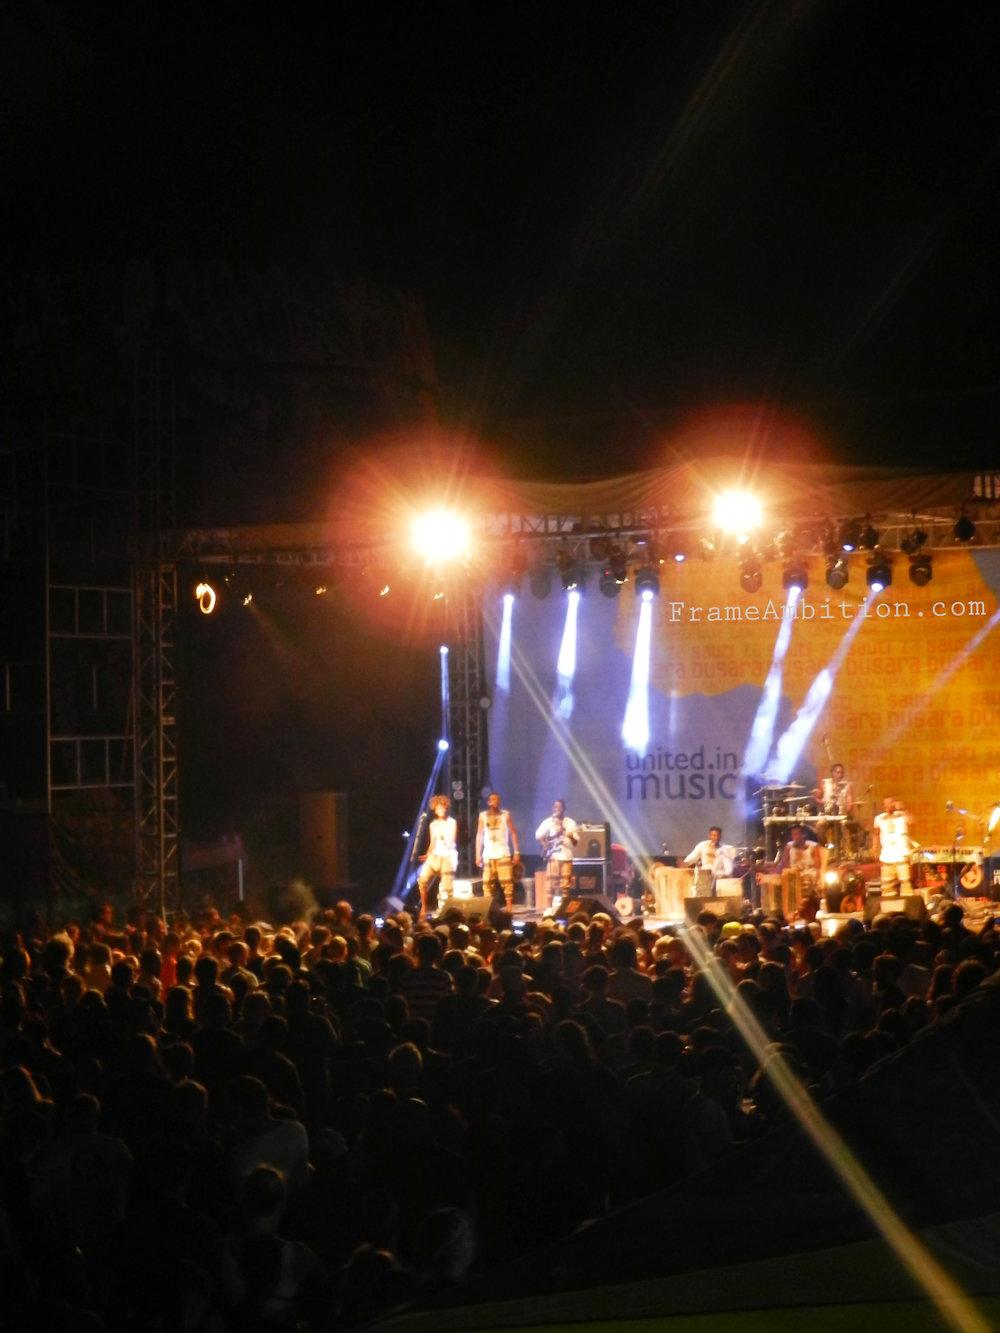 sauti_za_busara_main_stage